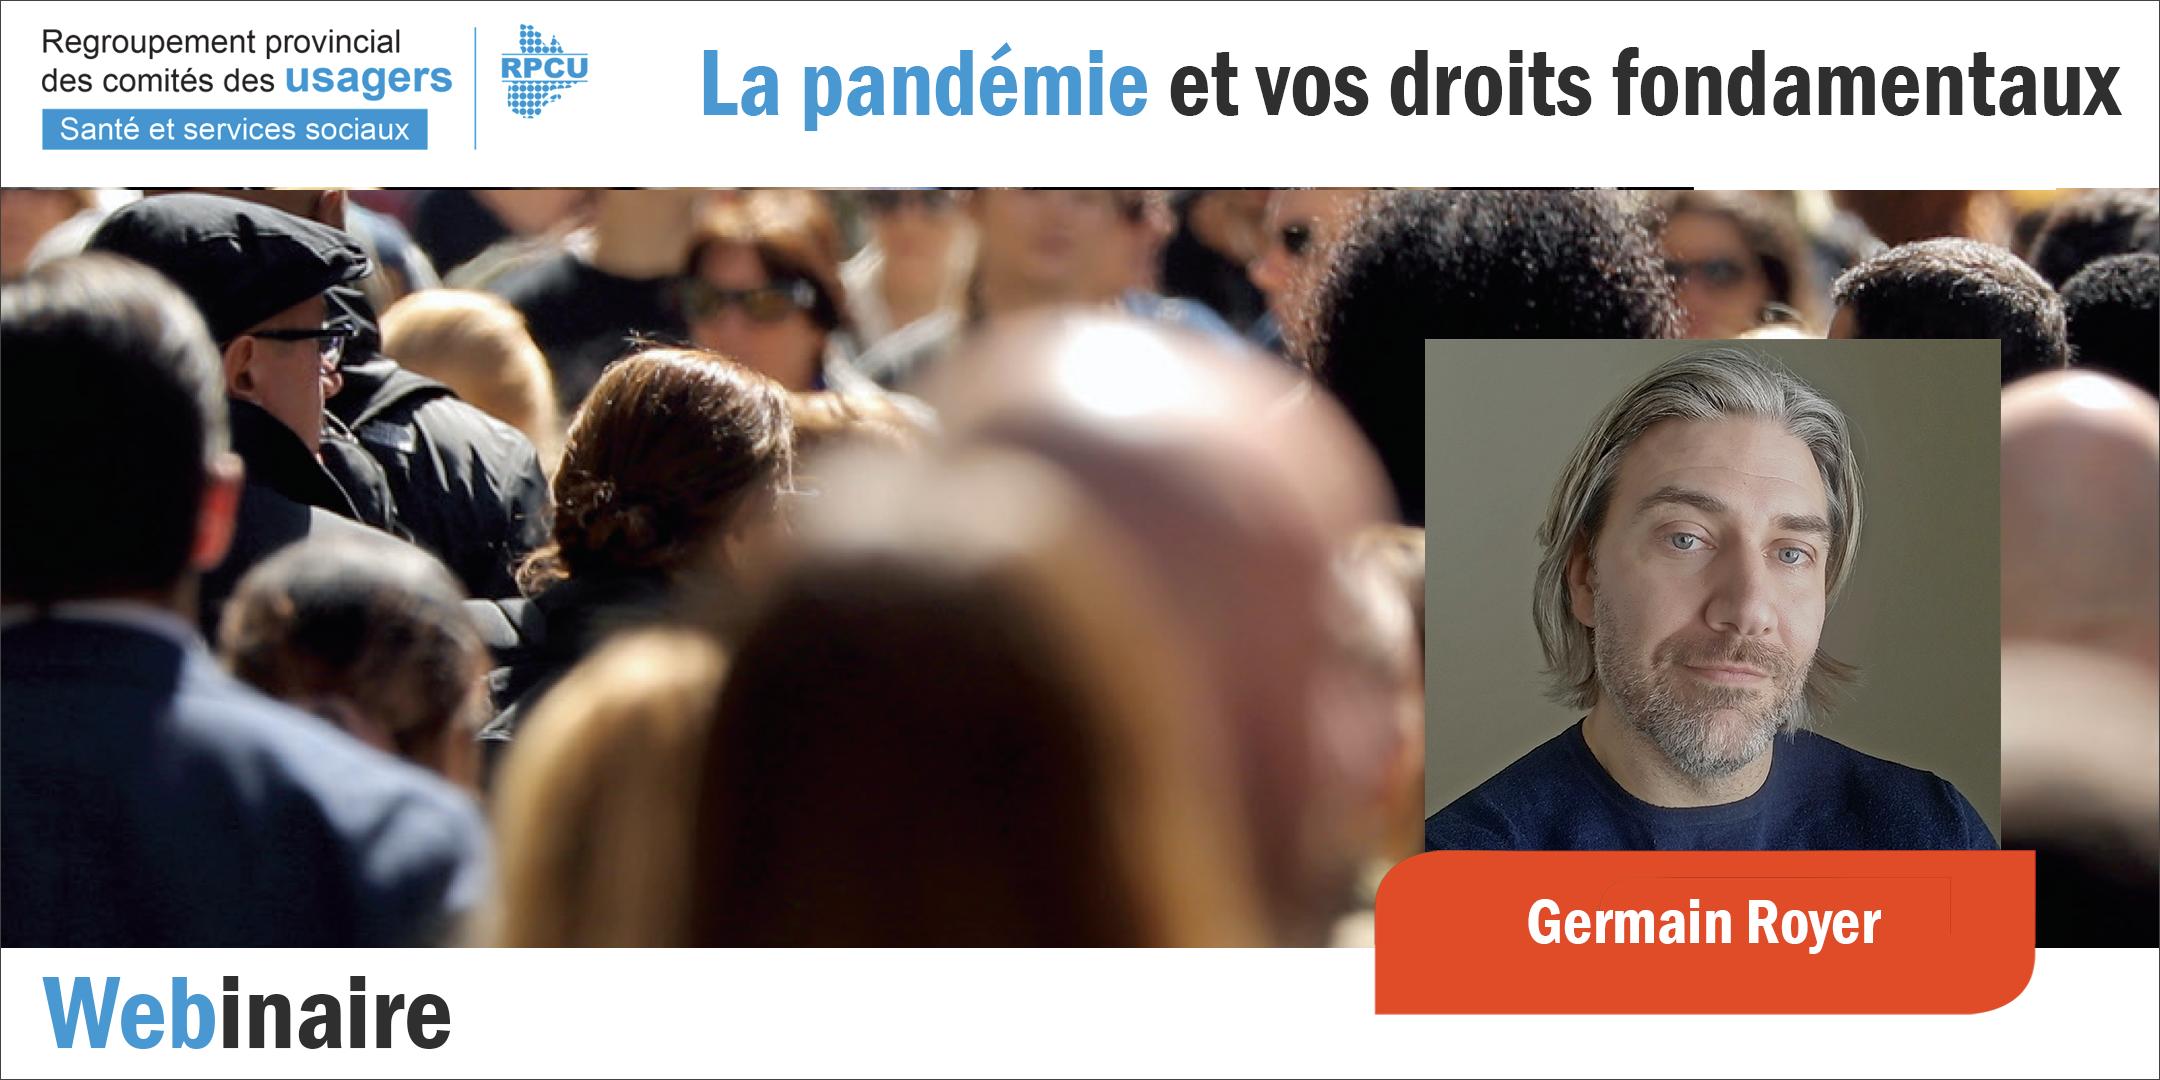 La pandémie et vos droits fondamentaux